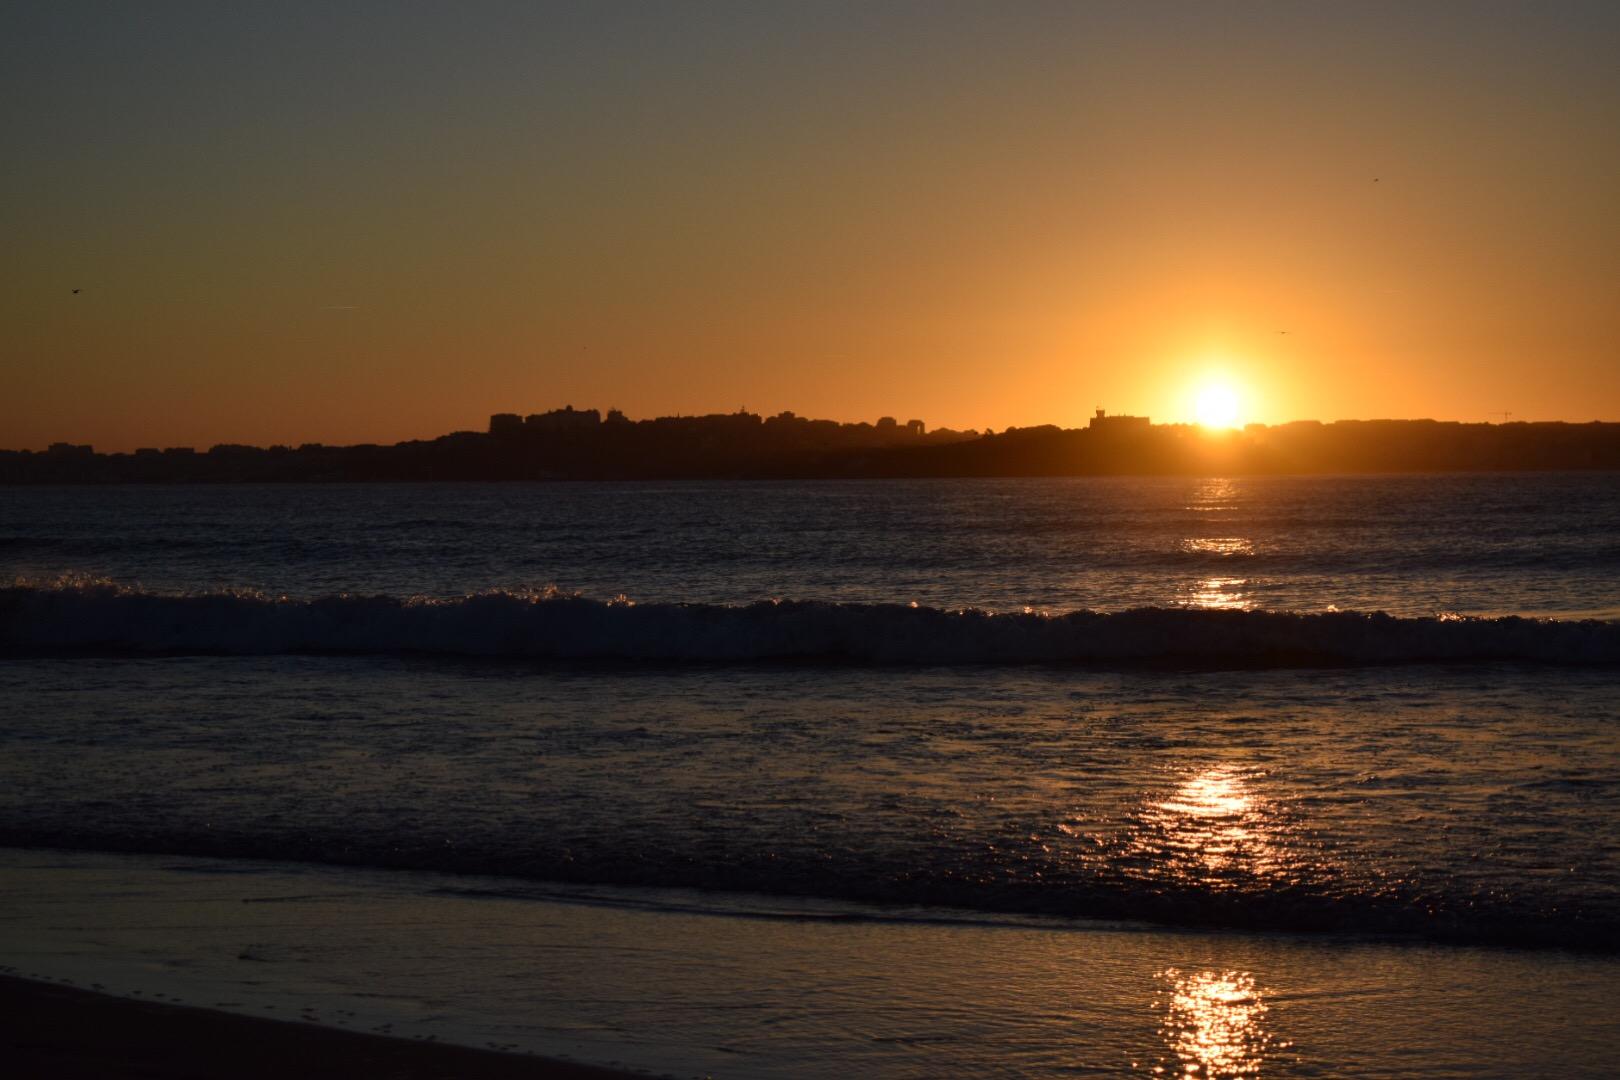 alleine reisen, nach vier Stunden surfen erschöpft den Sonnenuntergang genießen